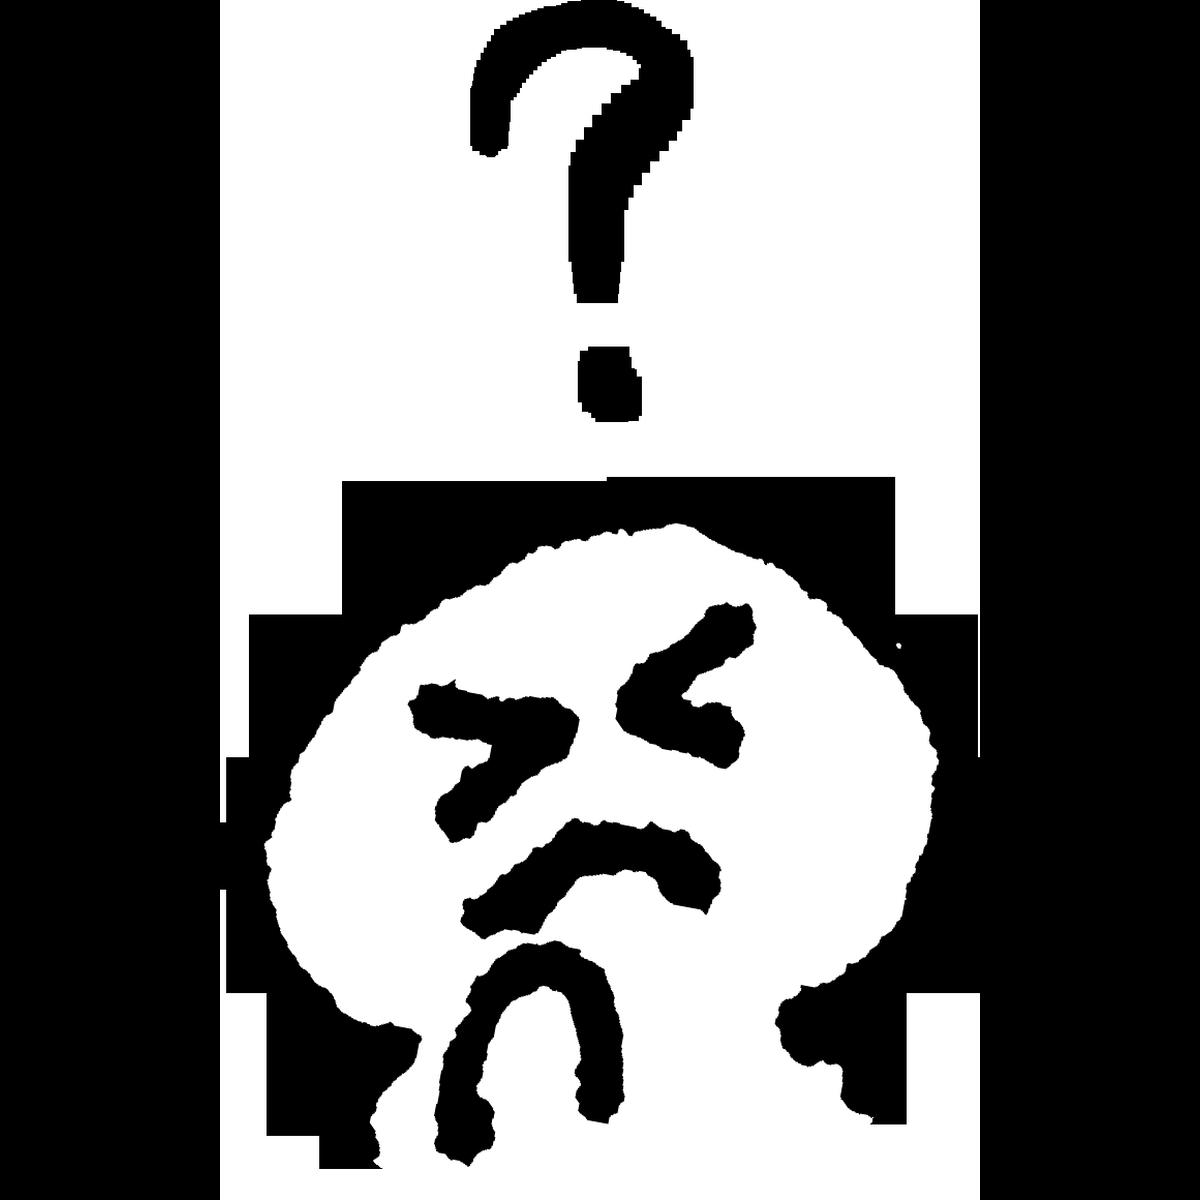 はてな?(悩む)のイラスト Question